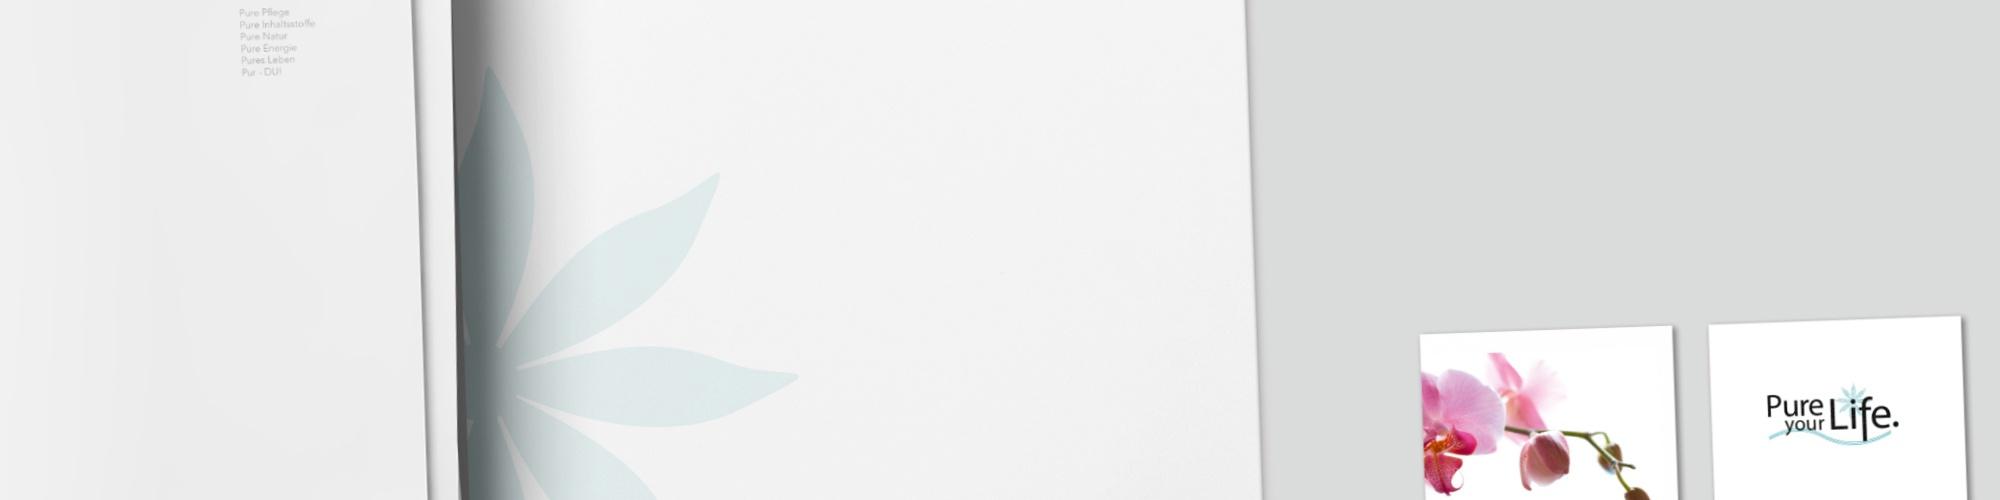 Pure your Life - Netzwerk für natürlich bewusstes Leben: Anzeigenkampagne - Corporate Design, Logo, Visitenkarte, Briefbögen, Webseite